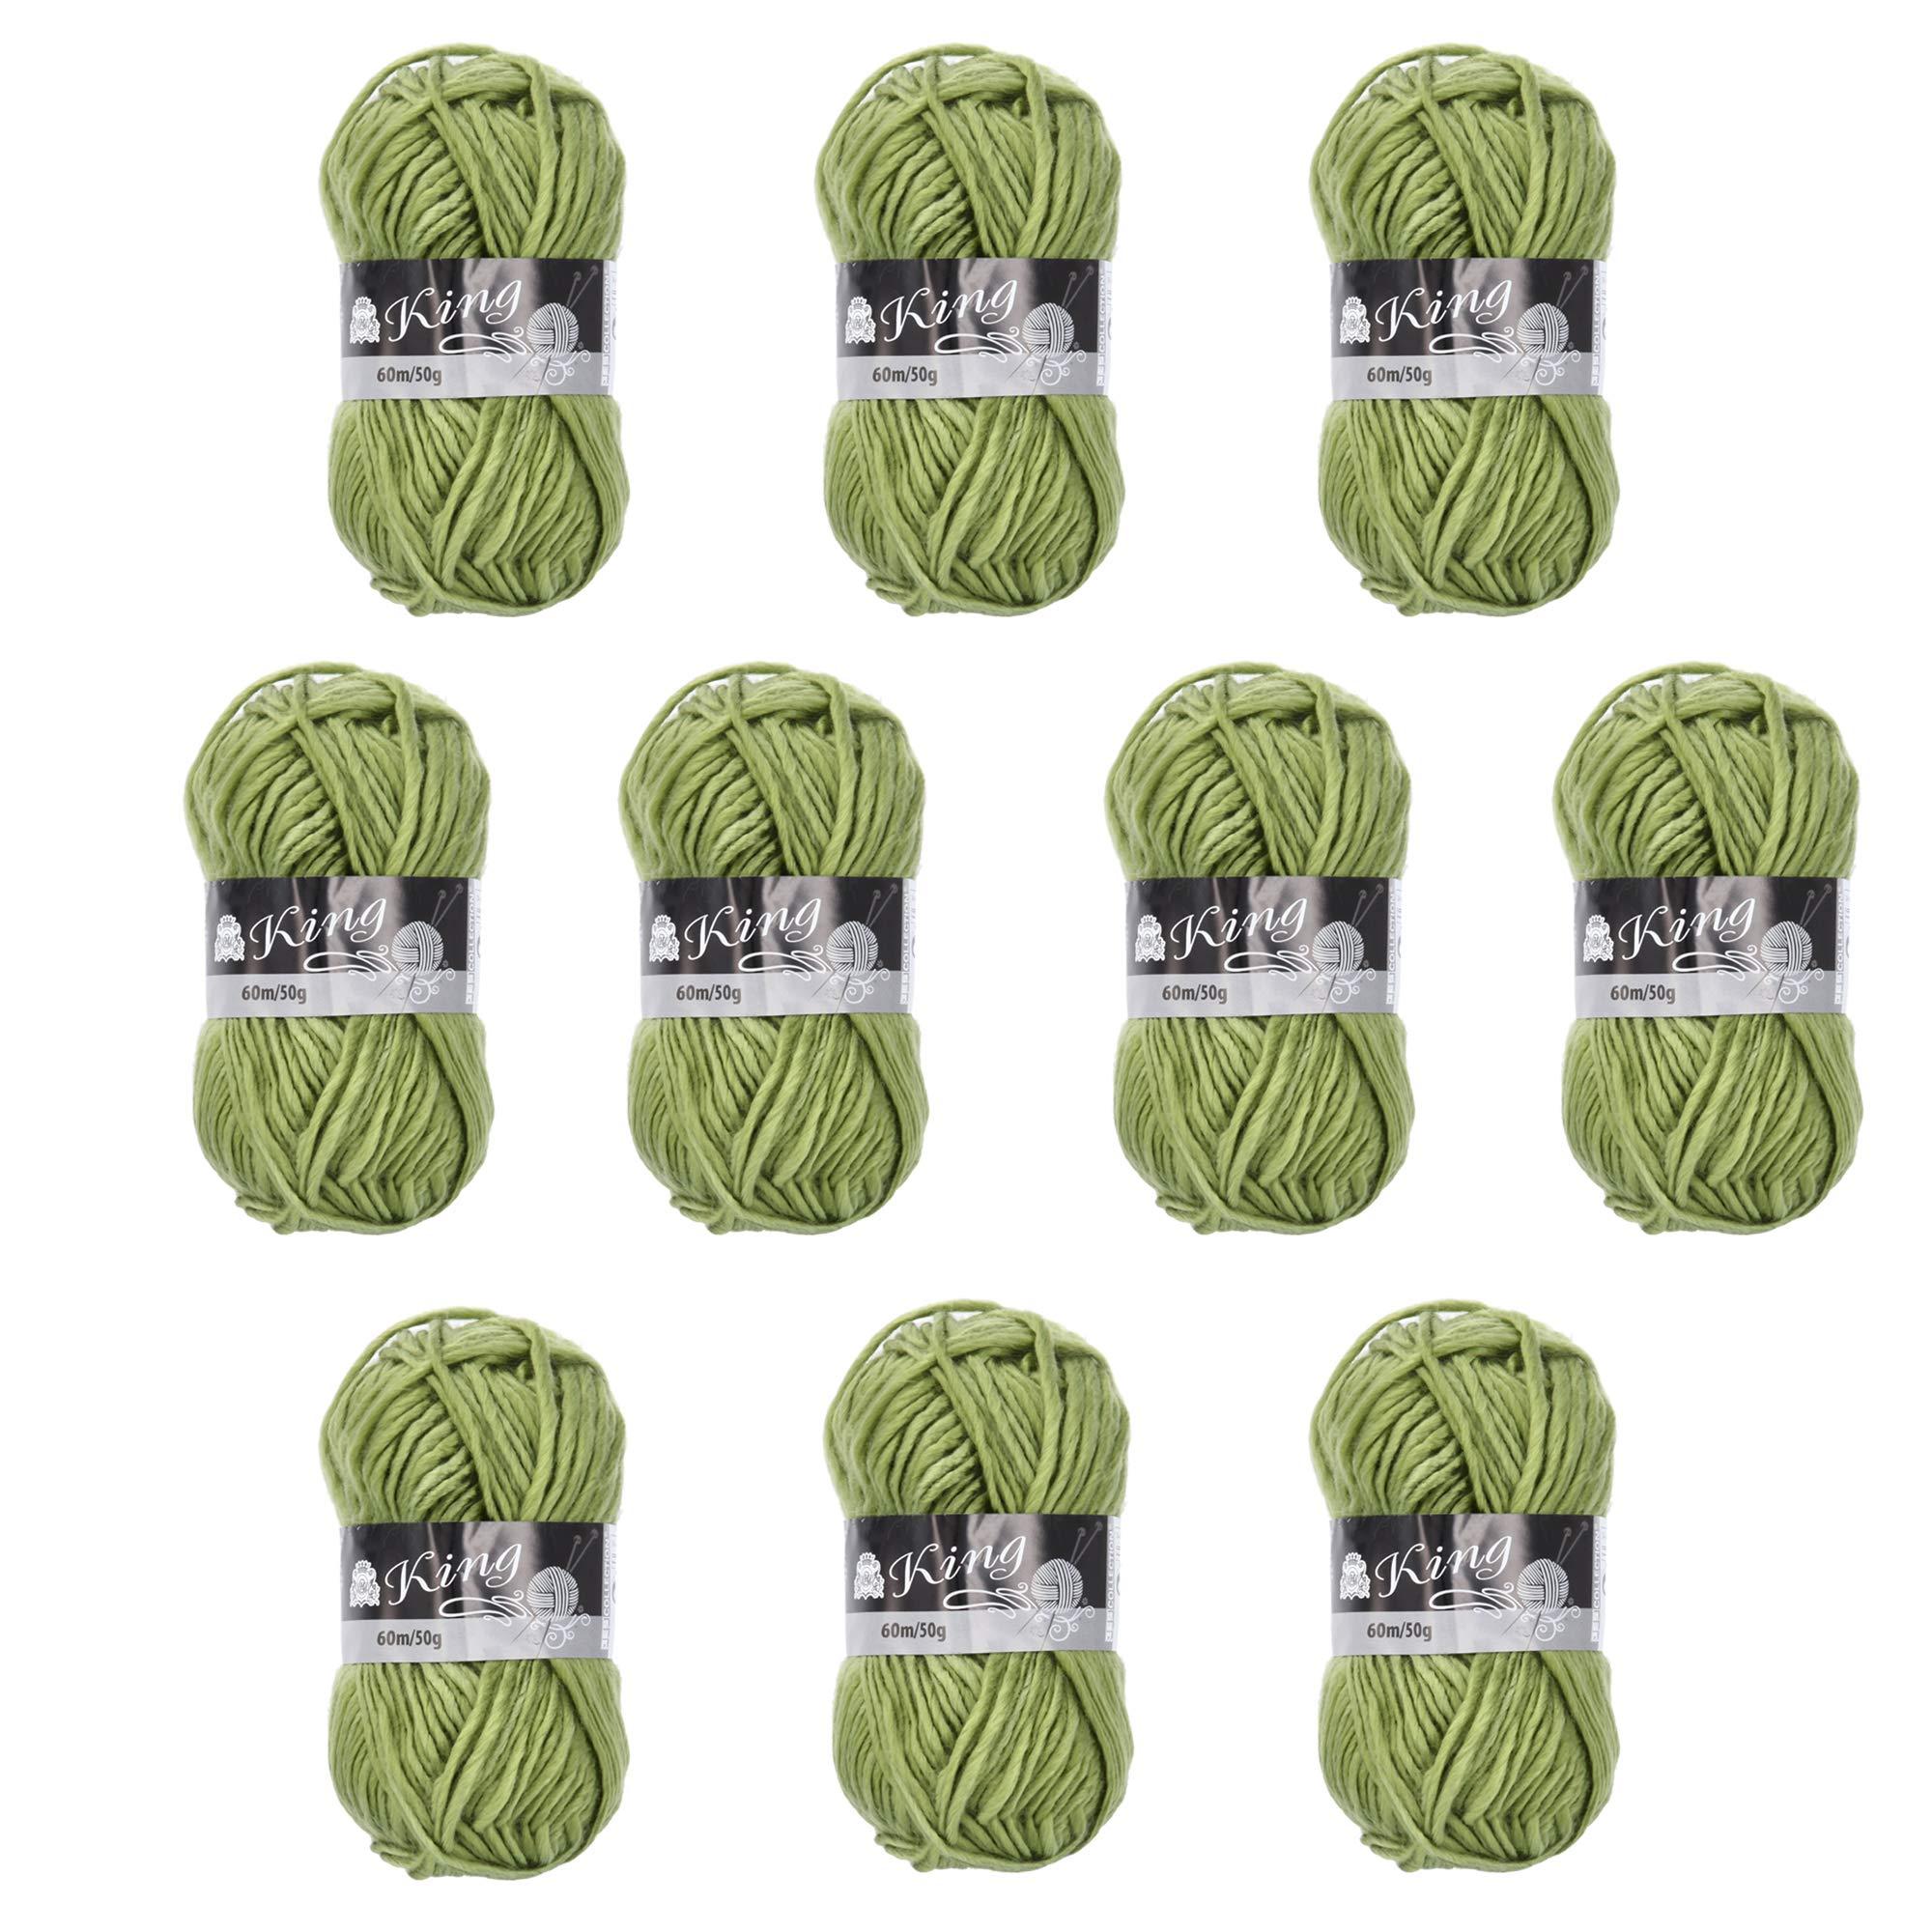 Melissa Pack Hilo Acrílico Ovillos de Lanas de Hilo Lana Prémium Hilados Madejas - Perfecto para DIY y Tejer a Mano, Color Verde (50 g * 10 unidades): Amazon.es: Hogar